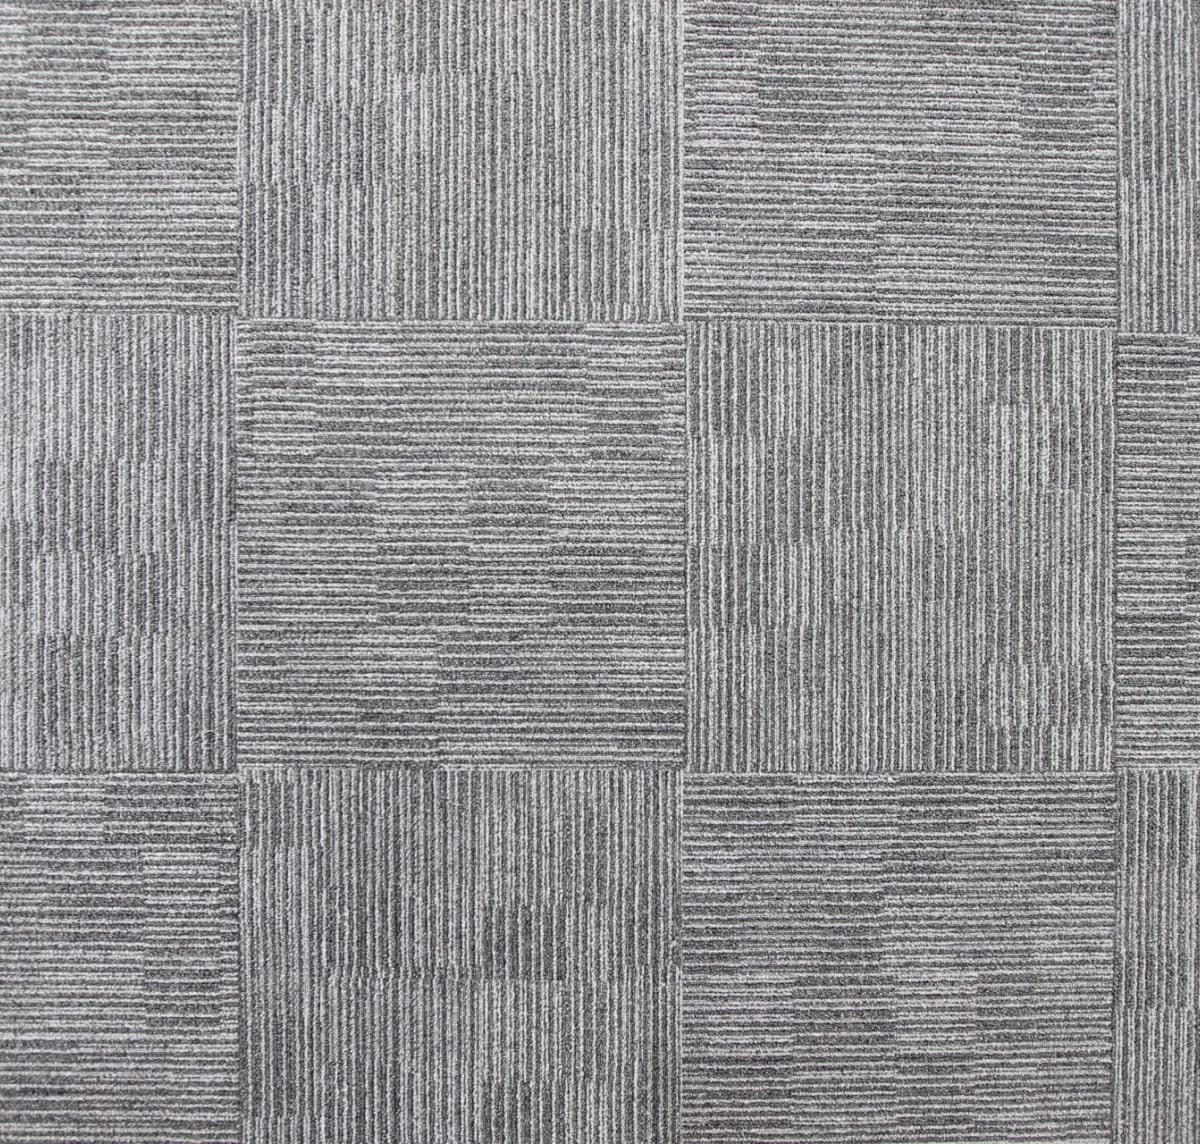 カーペット床のイメージ